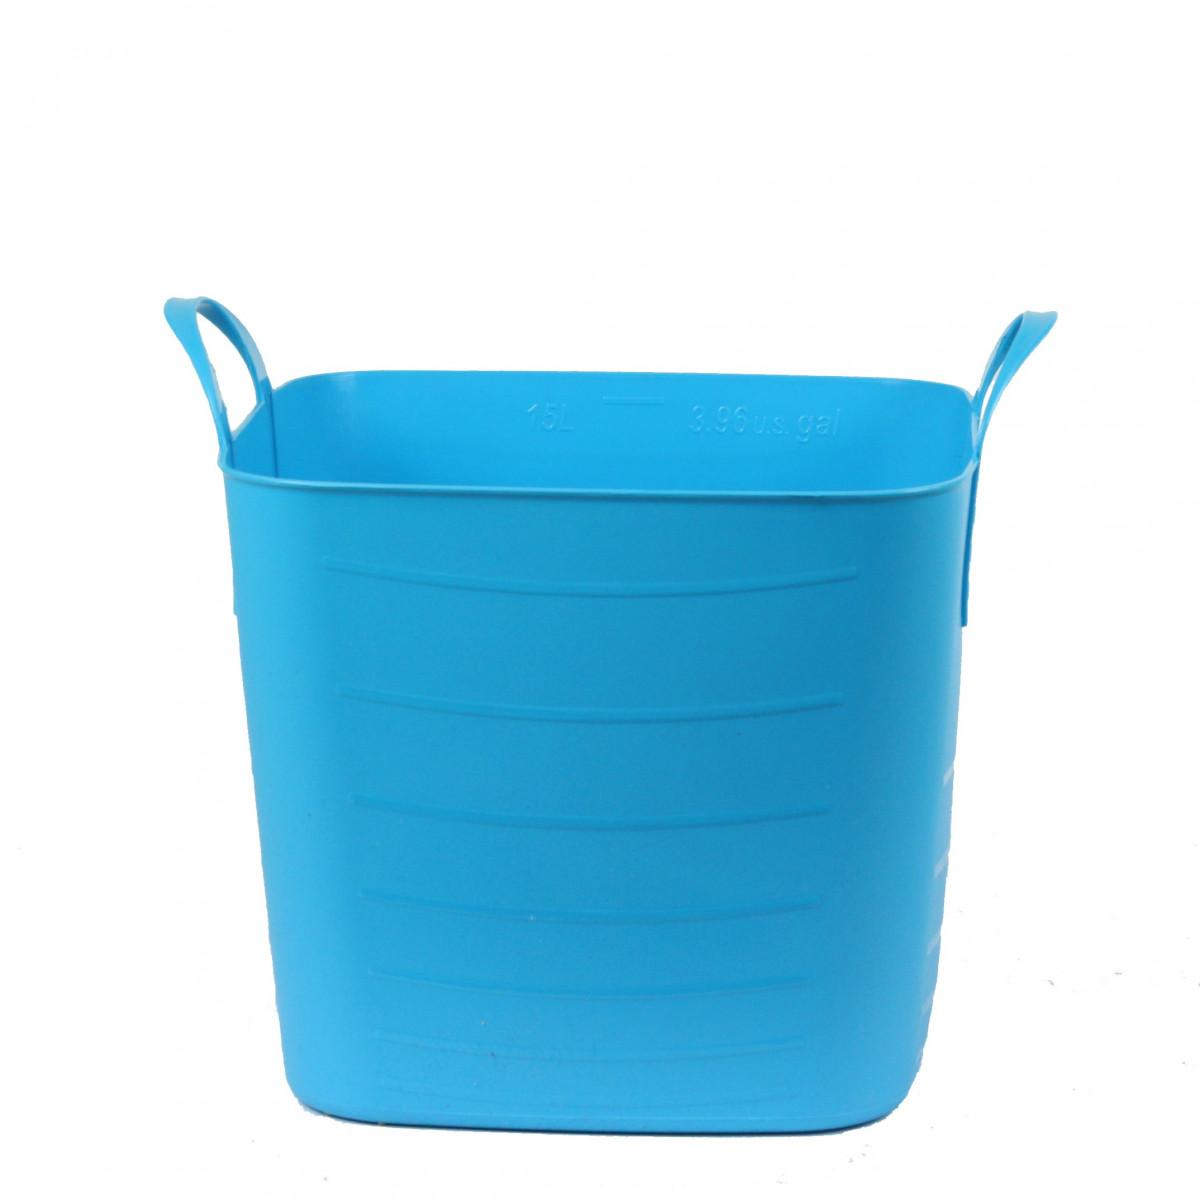 Bac de rangement en plastique souple turquoise 15 litres - Placard plastique rangement ...